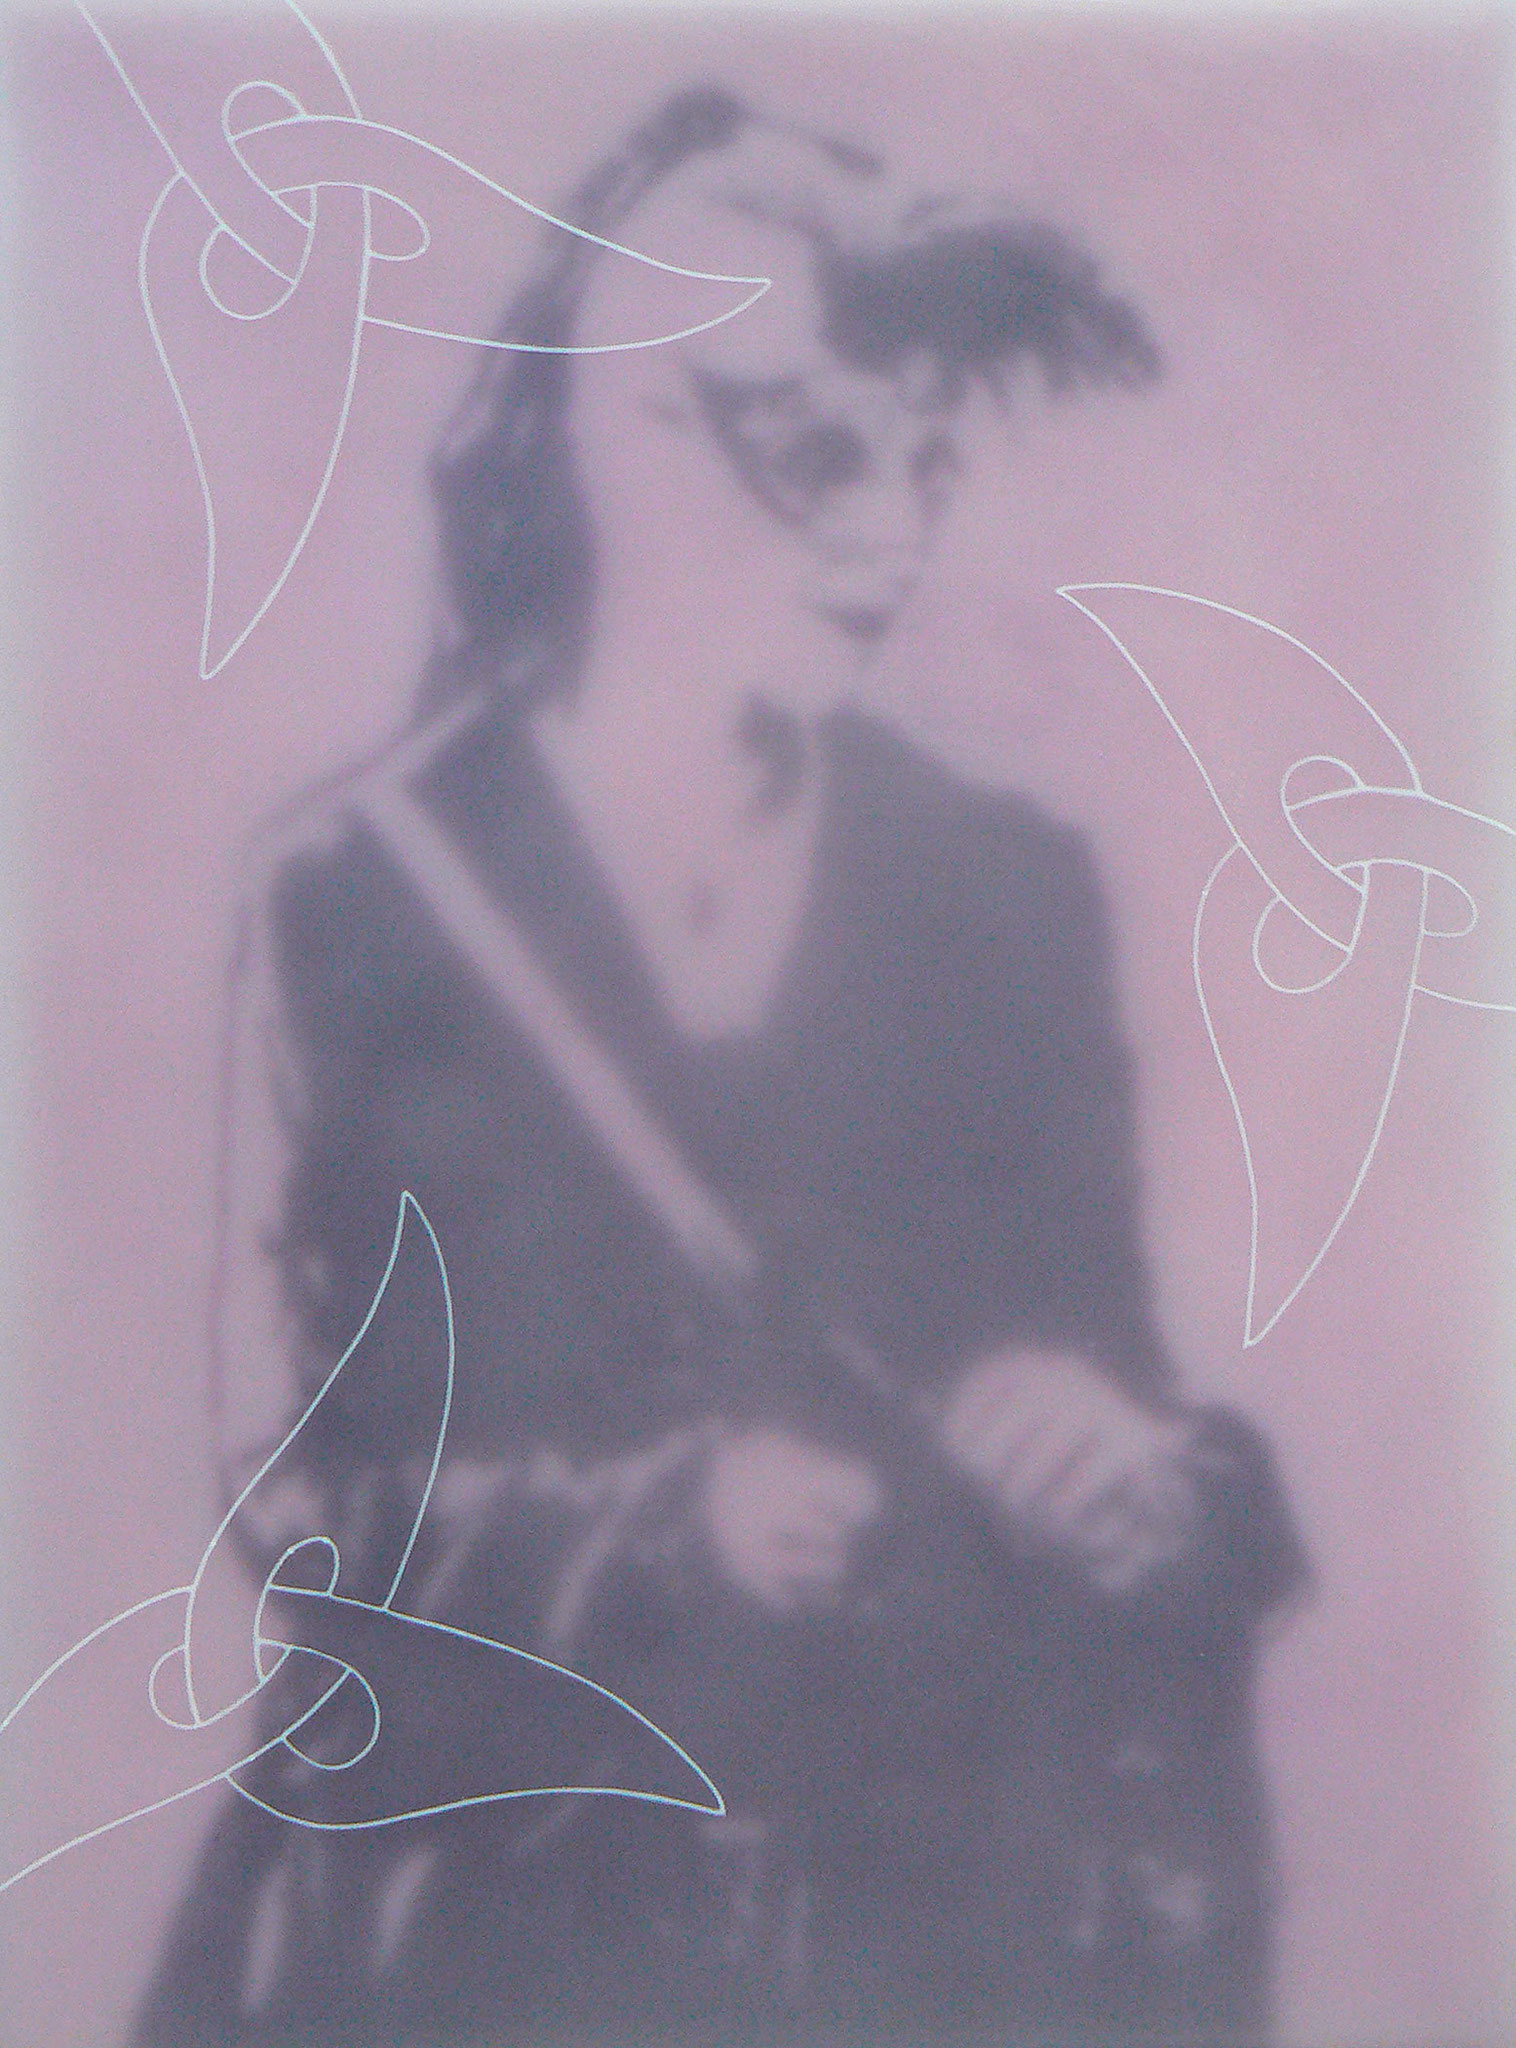 Gothik-Engel 6, 2009, Paraffin auf Leinwand/Holz, 60 x 80 cm